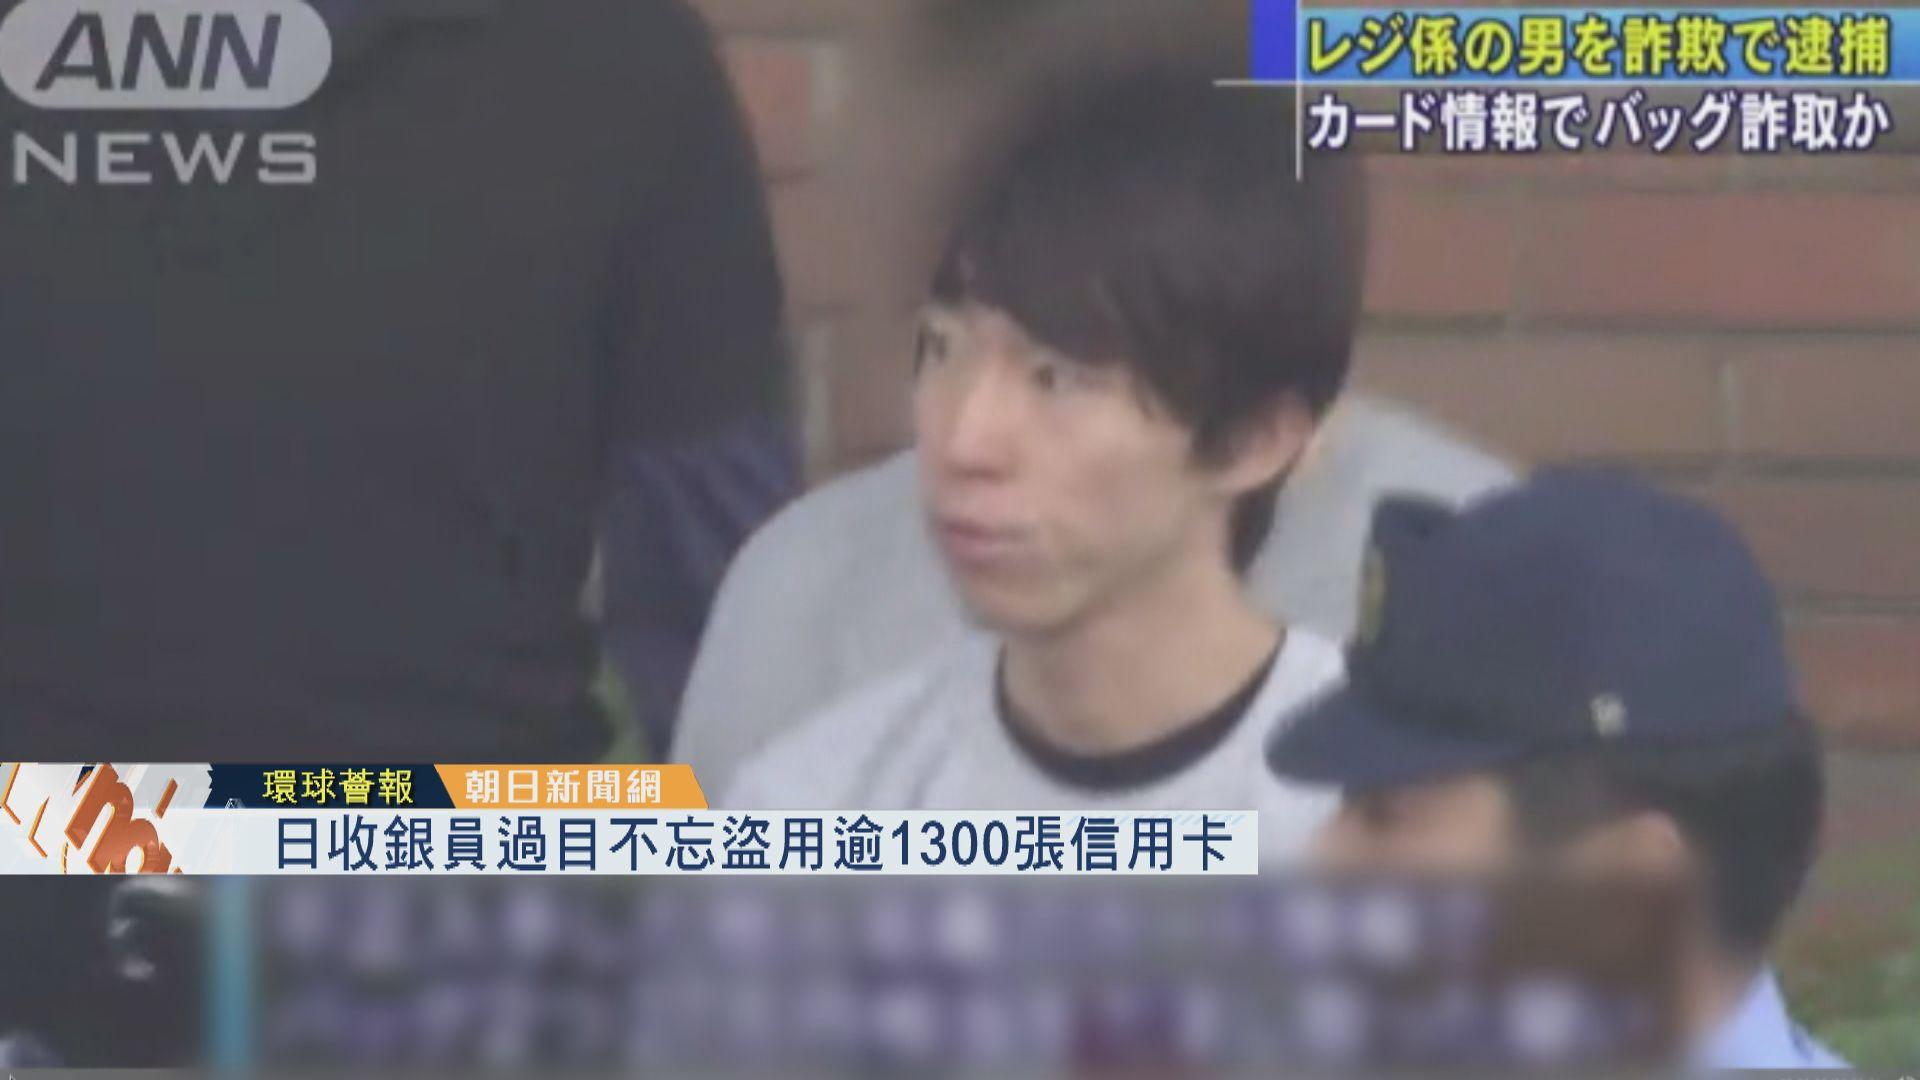 【即日焦點】警方:有別有用心人士混入記者當中 旺角商戶指生意大減考慮結業;日本收銀員過目不忘盜用逾1300張信用卡